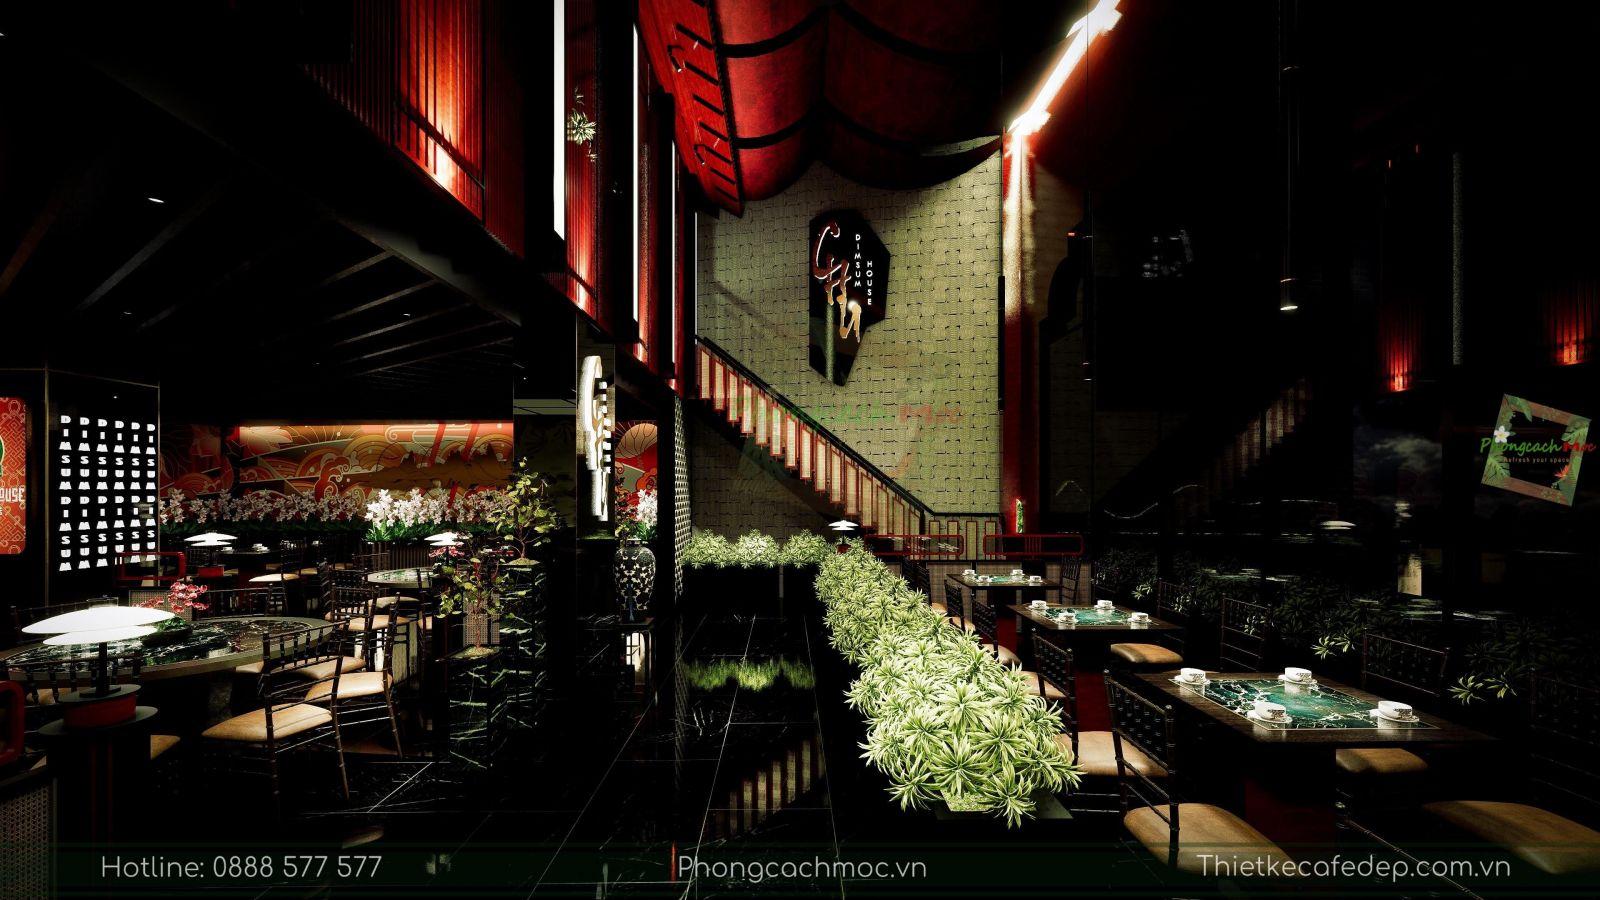 thiết kế nhà hàng trung hoa - chu dimsum house - 3